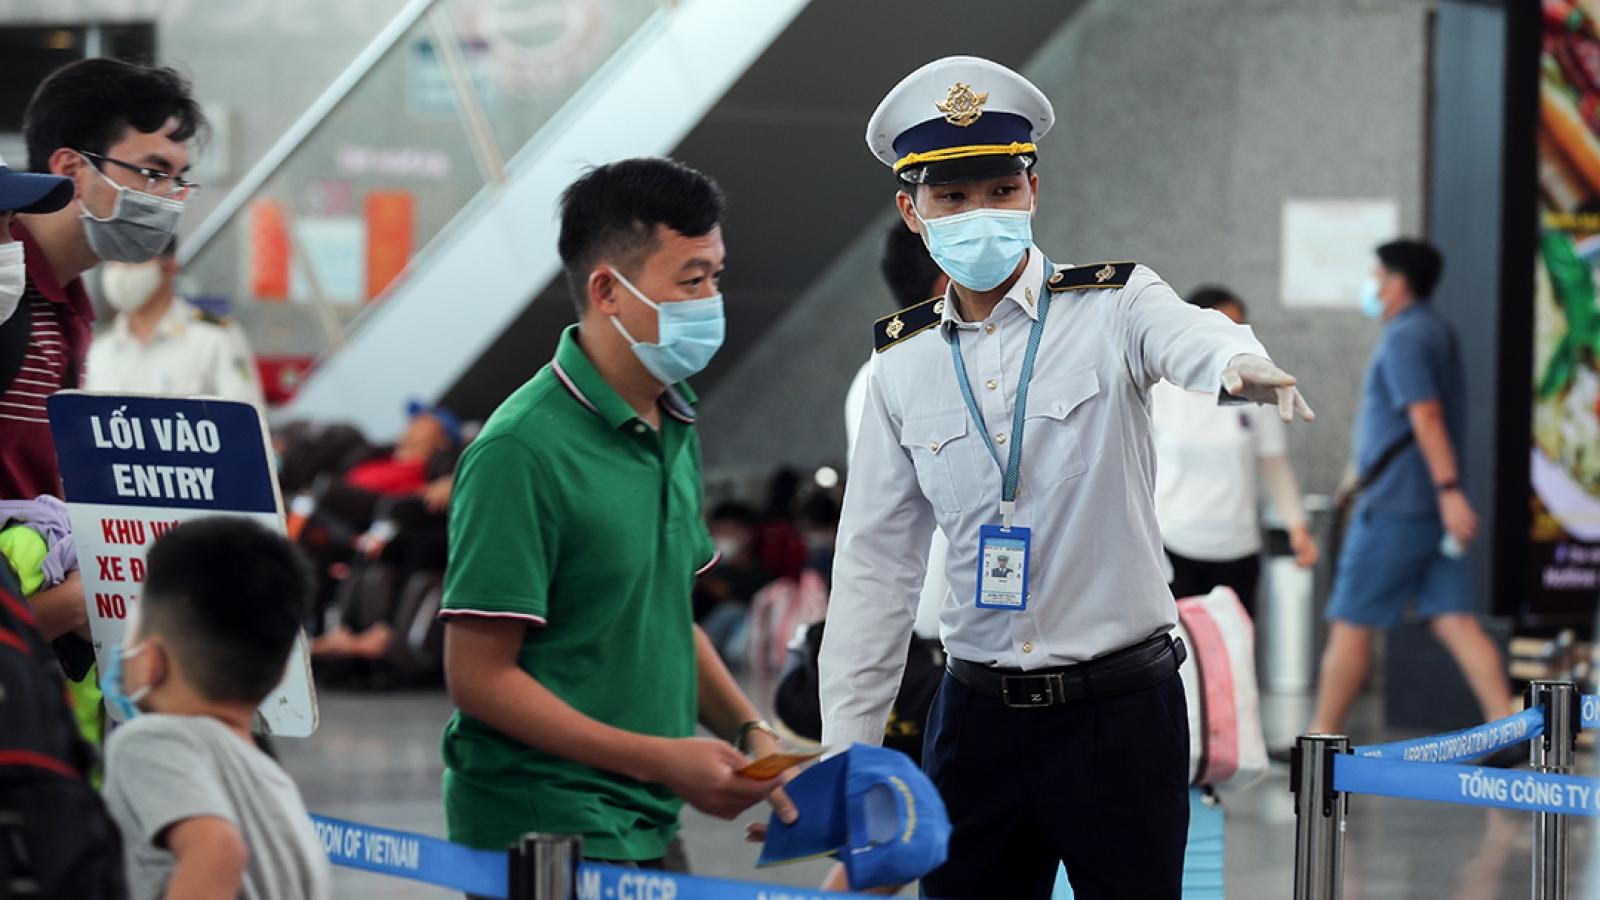 Việt Nam đối mặt với 4 nguy cơ tiềm ẩn làm bùng dịch Covid-19